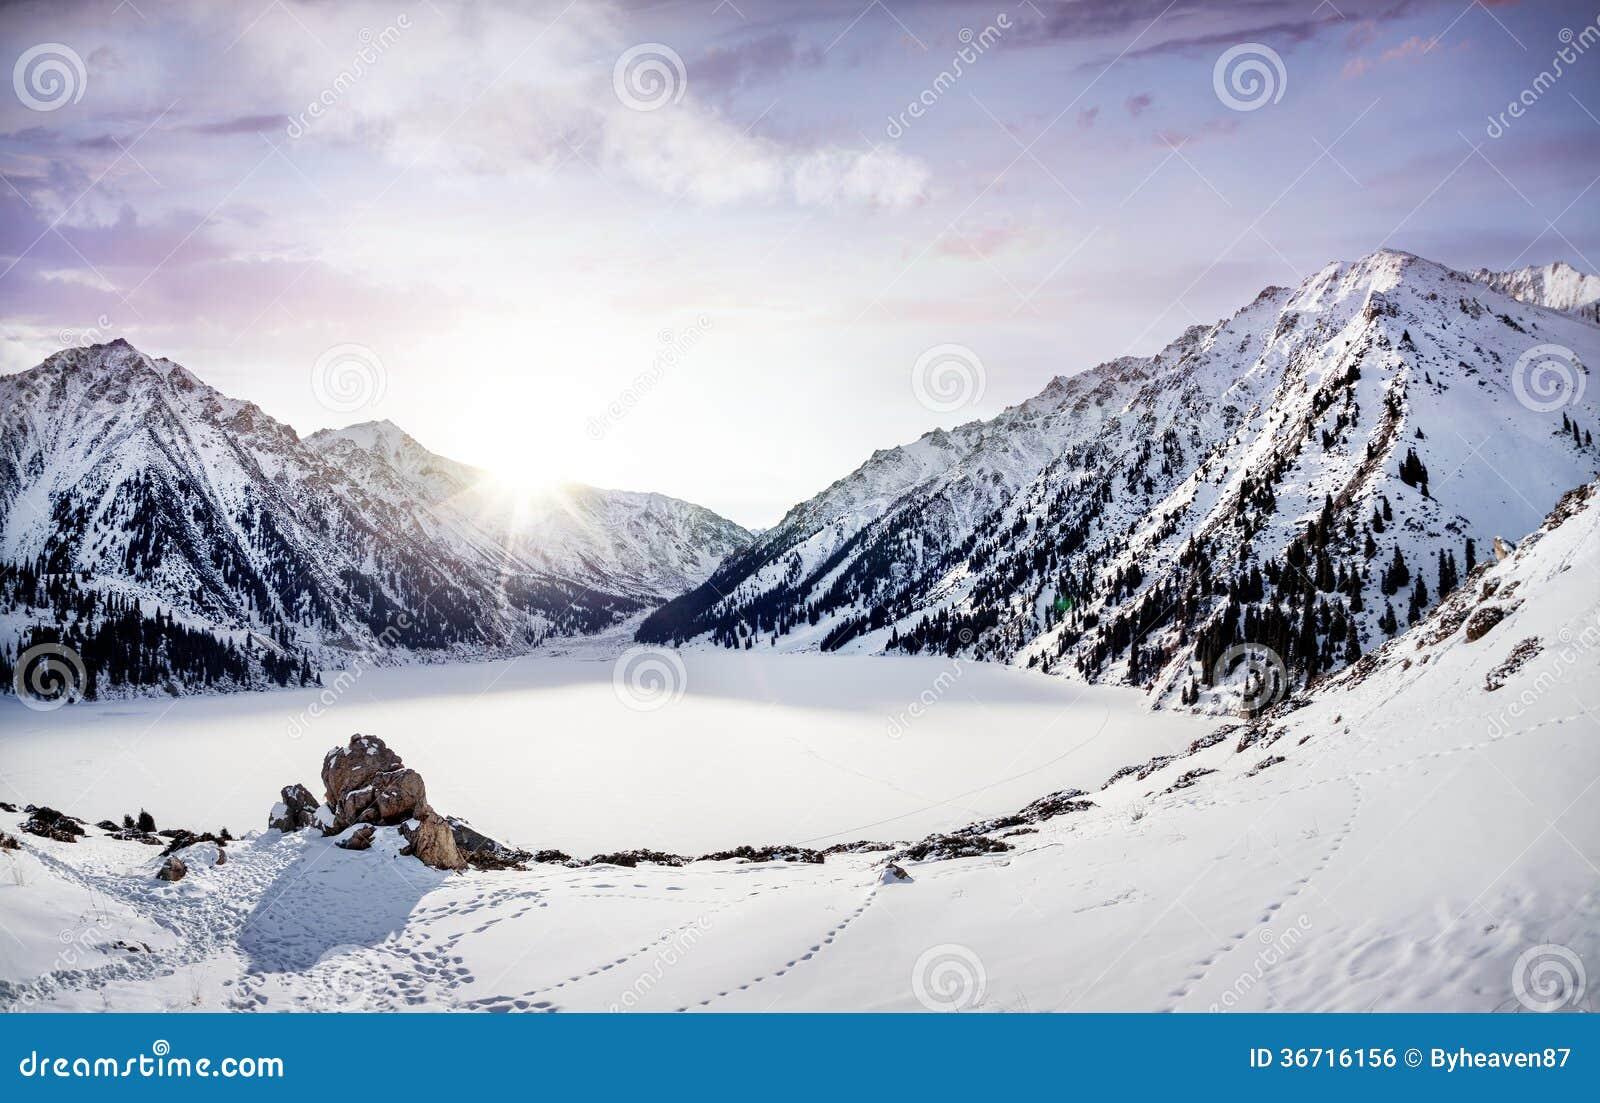 Winter Mountain Lake Royalty Free Stock Image - Image ...